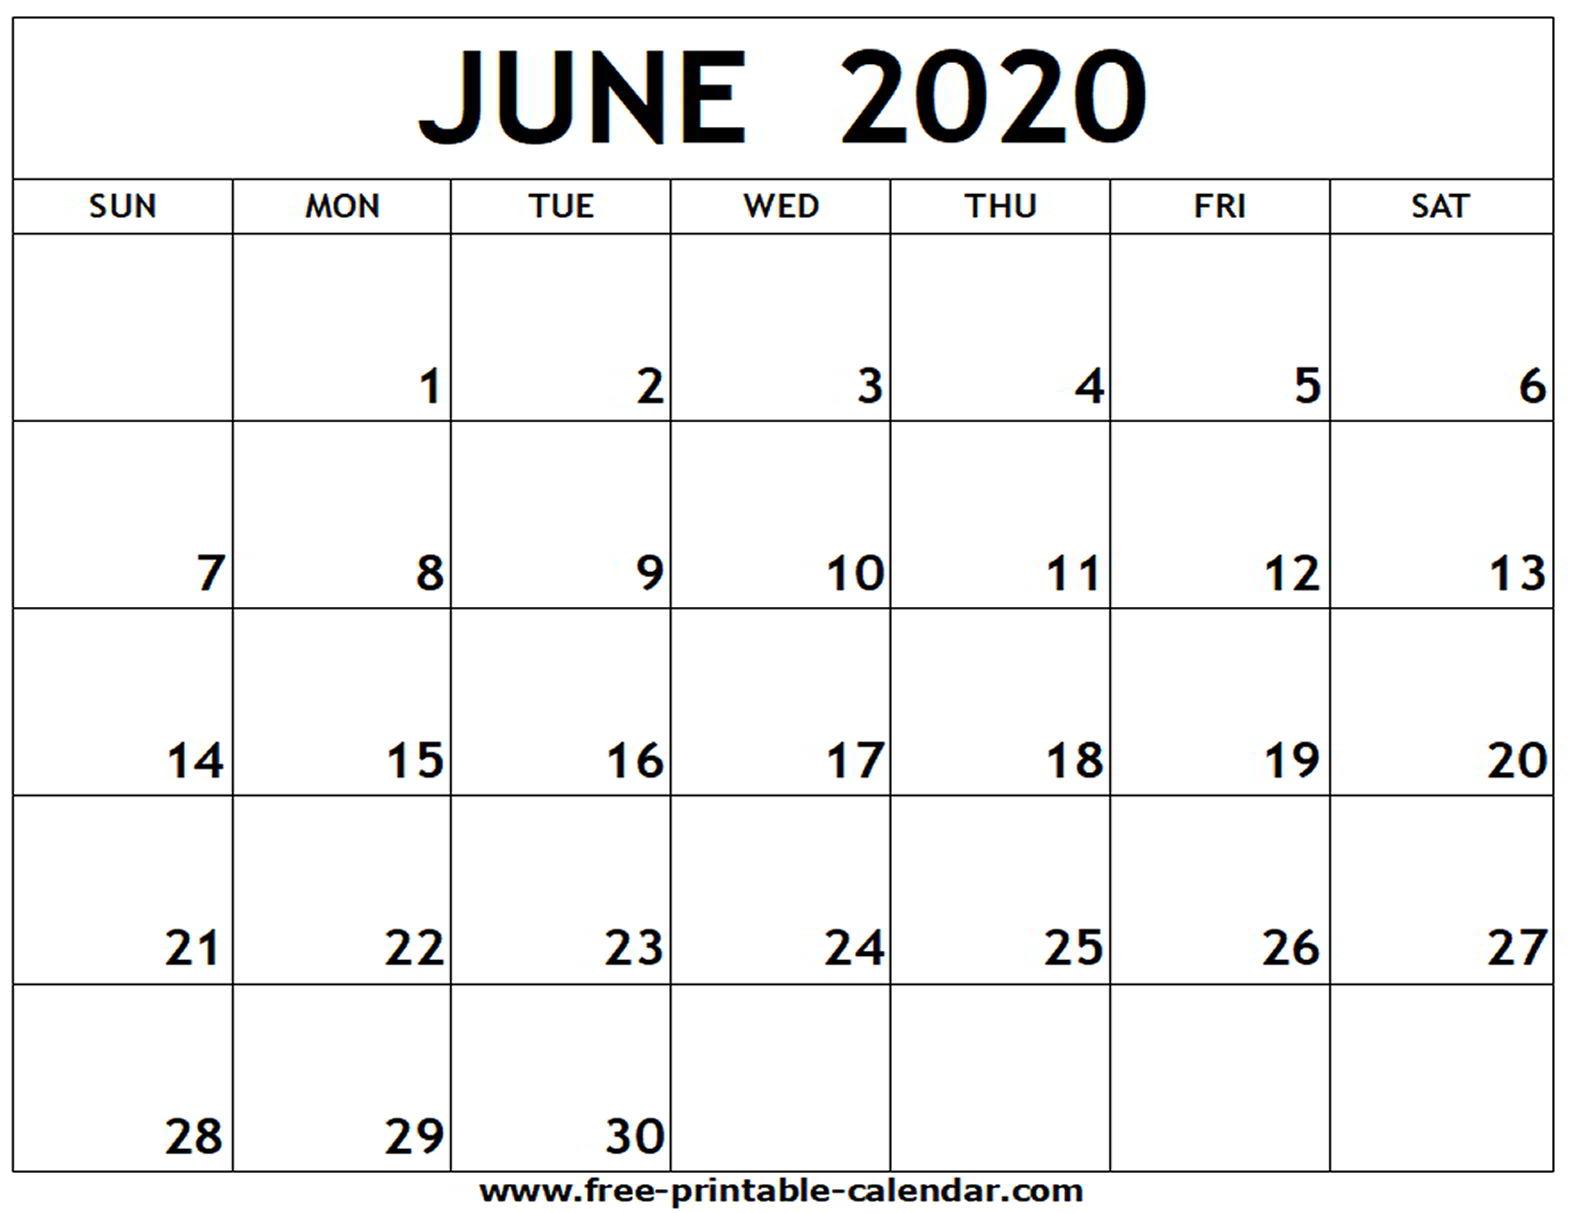 Blank Calendar For June 2020 - Wpa.wpart.co